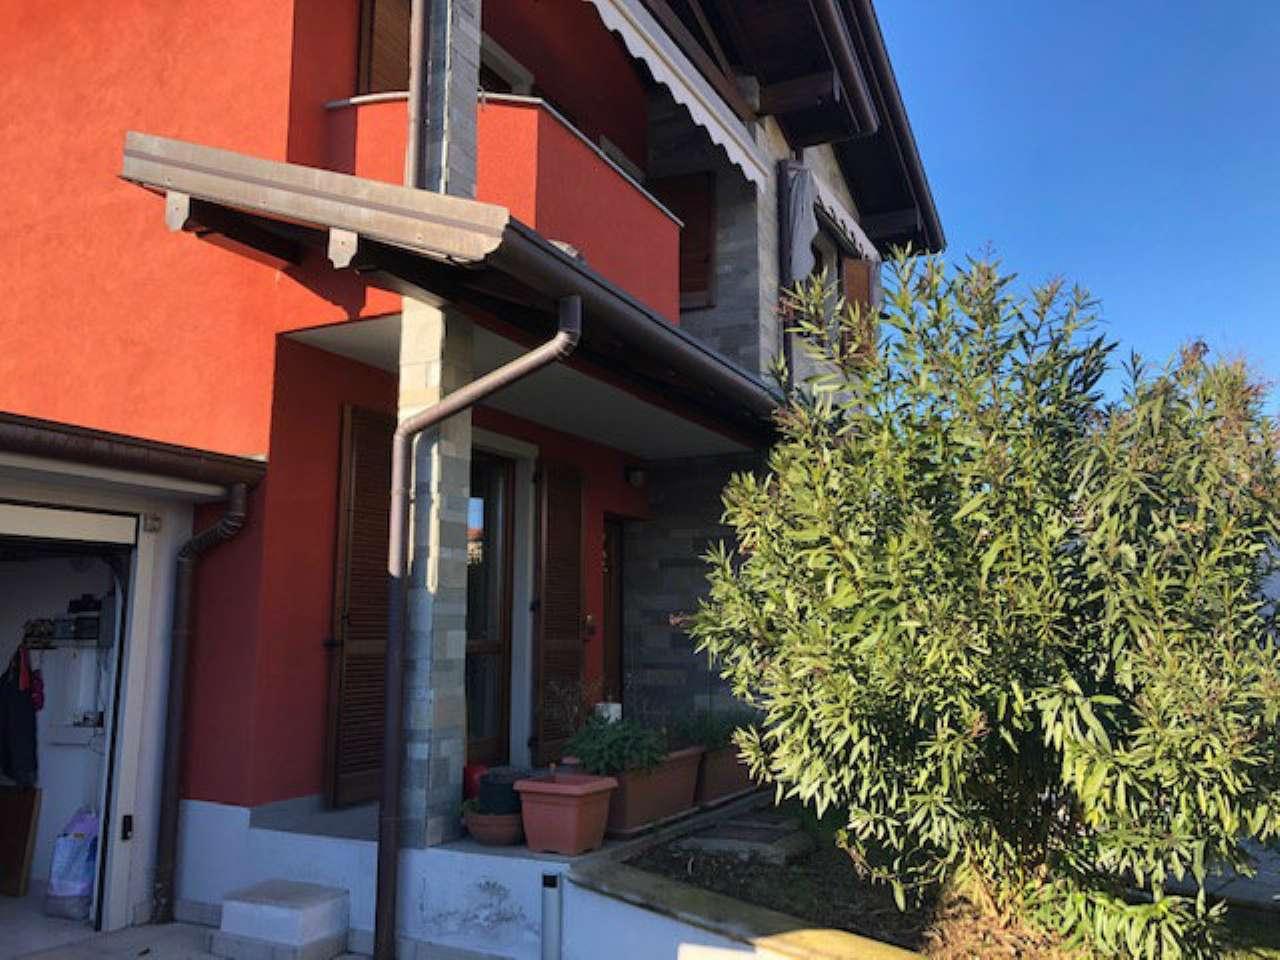 Soluzione Indipendente in vendita a Gorla Minore, 4 locali, prezzo € 350.000 | CambioCasa.it